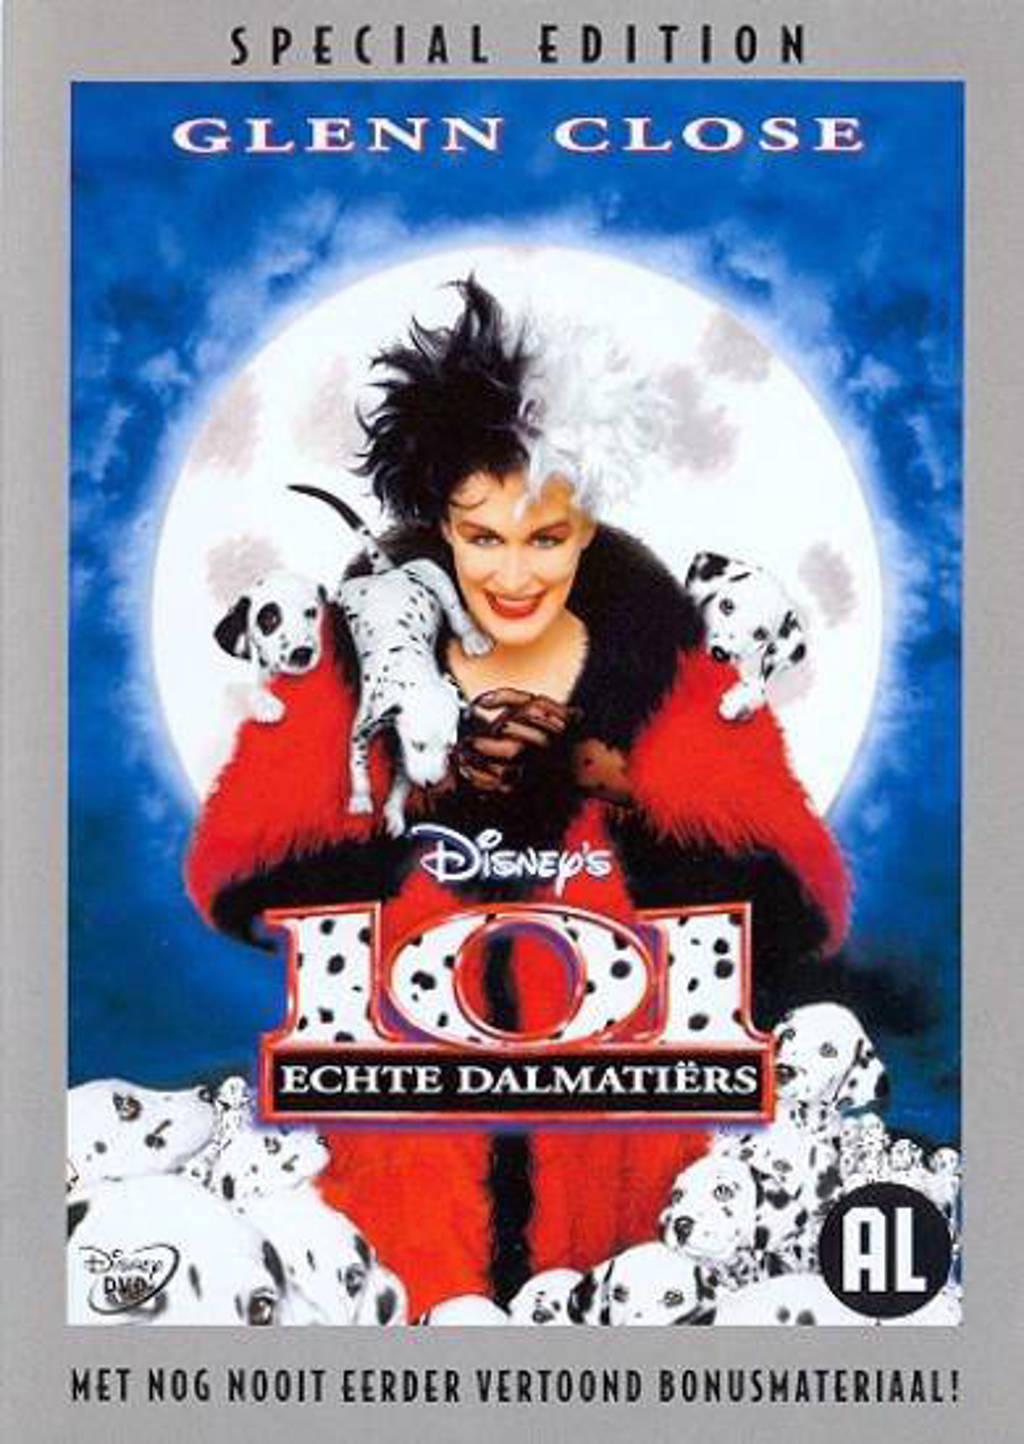 101 echte dalmatiers (DVD)